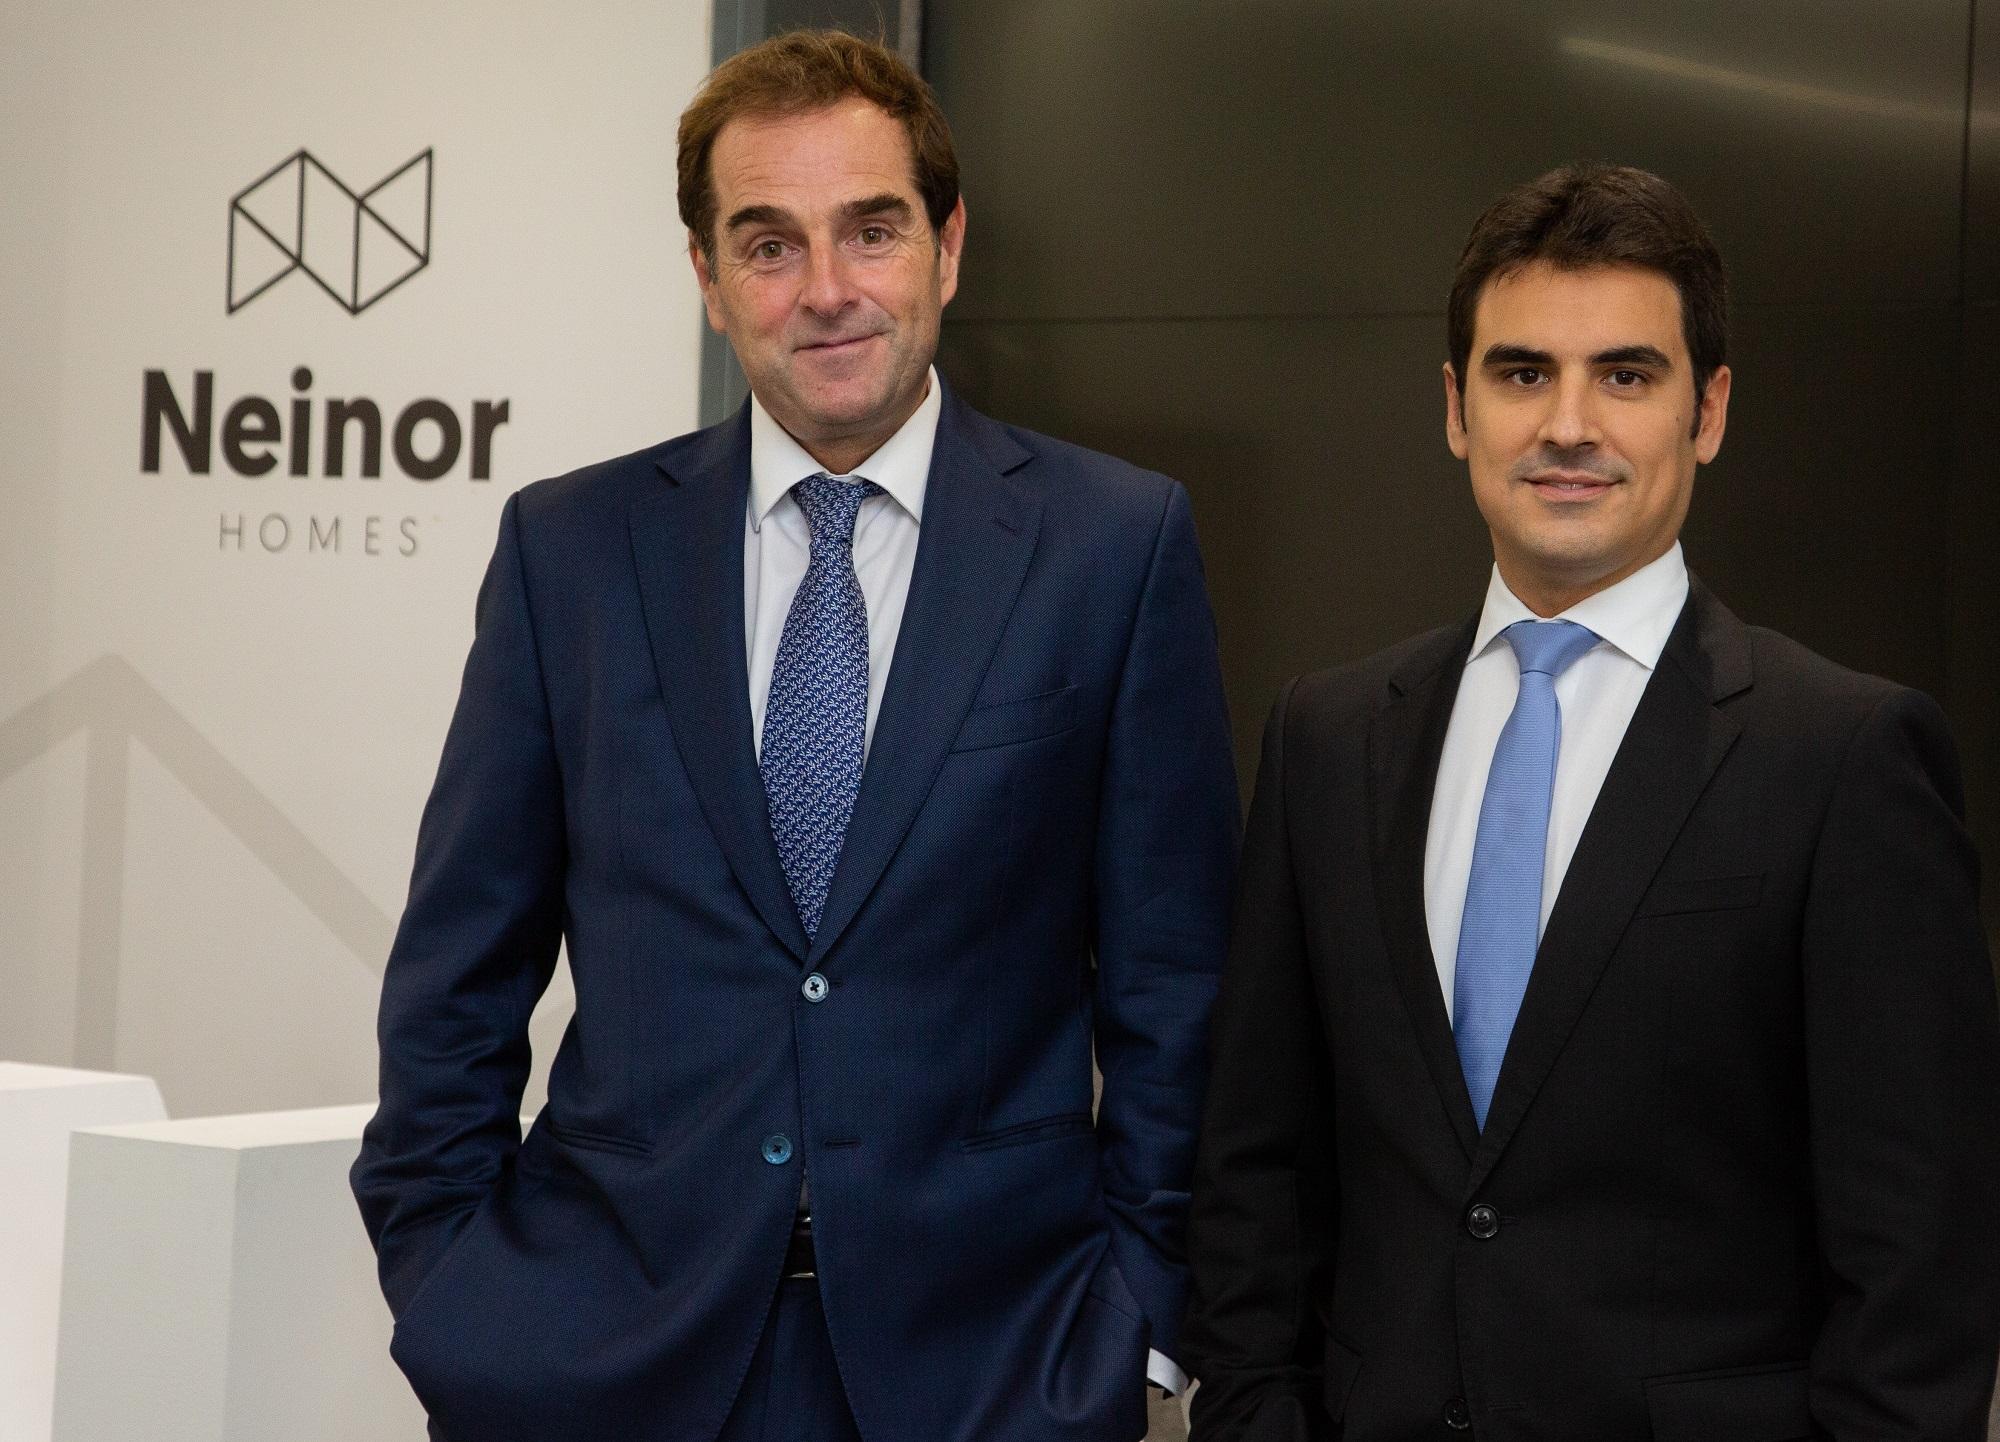 Archivo - Borja García-Egotxeaga, CEO de Neinor Homes, y Jordi Argemí, consejero delegado adjunto / NEINOR HOMES - Archivo